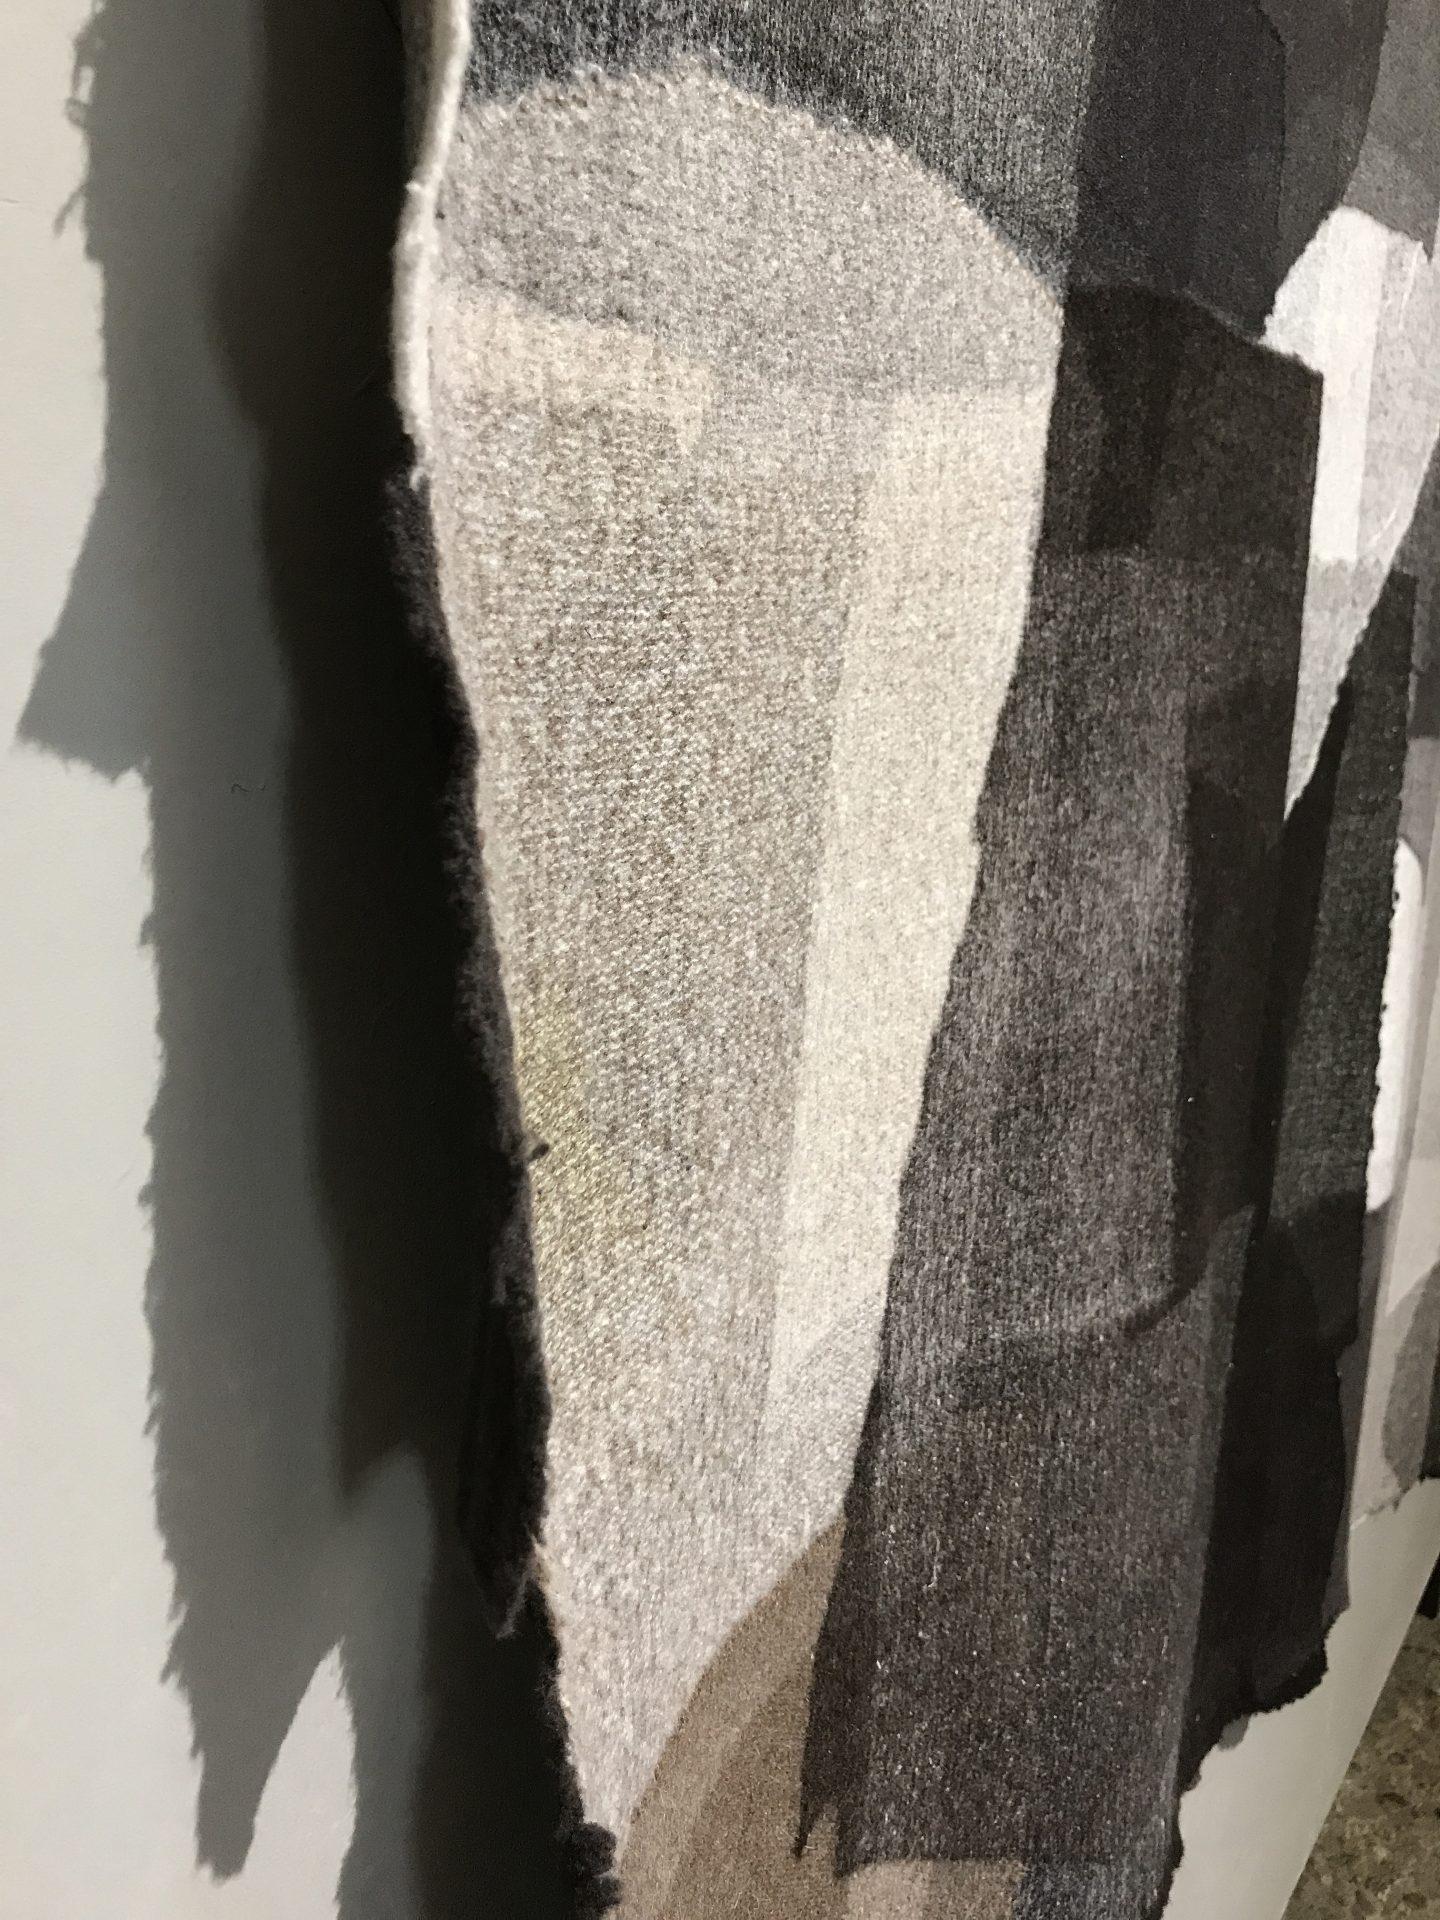 Eclectic Trends | Waste No More - Eileen Fisher-Li Edelkoort - Milan Design Week 2018